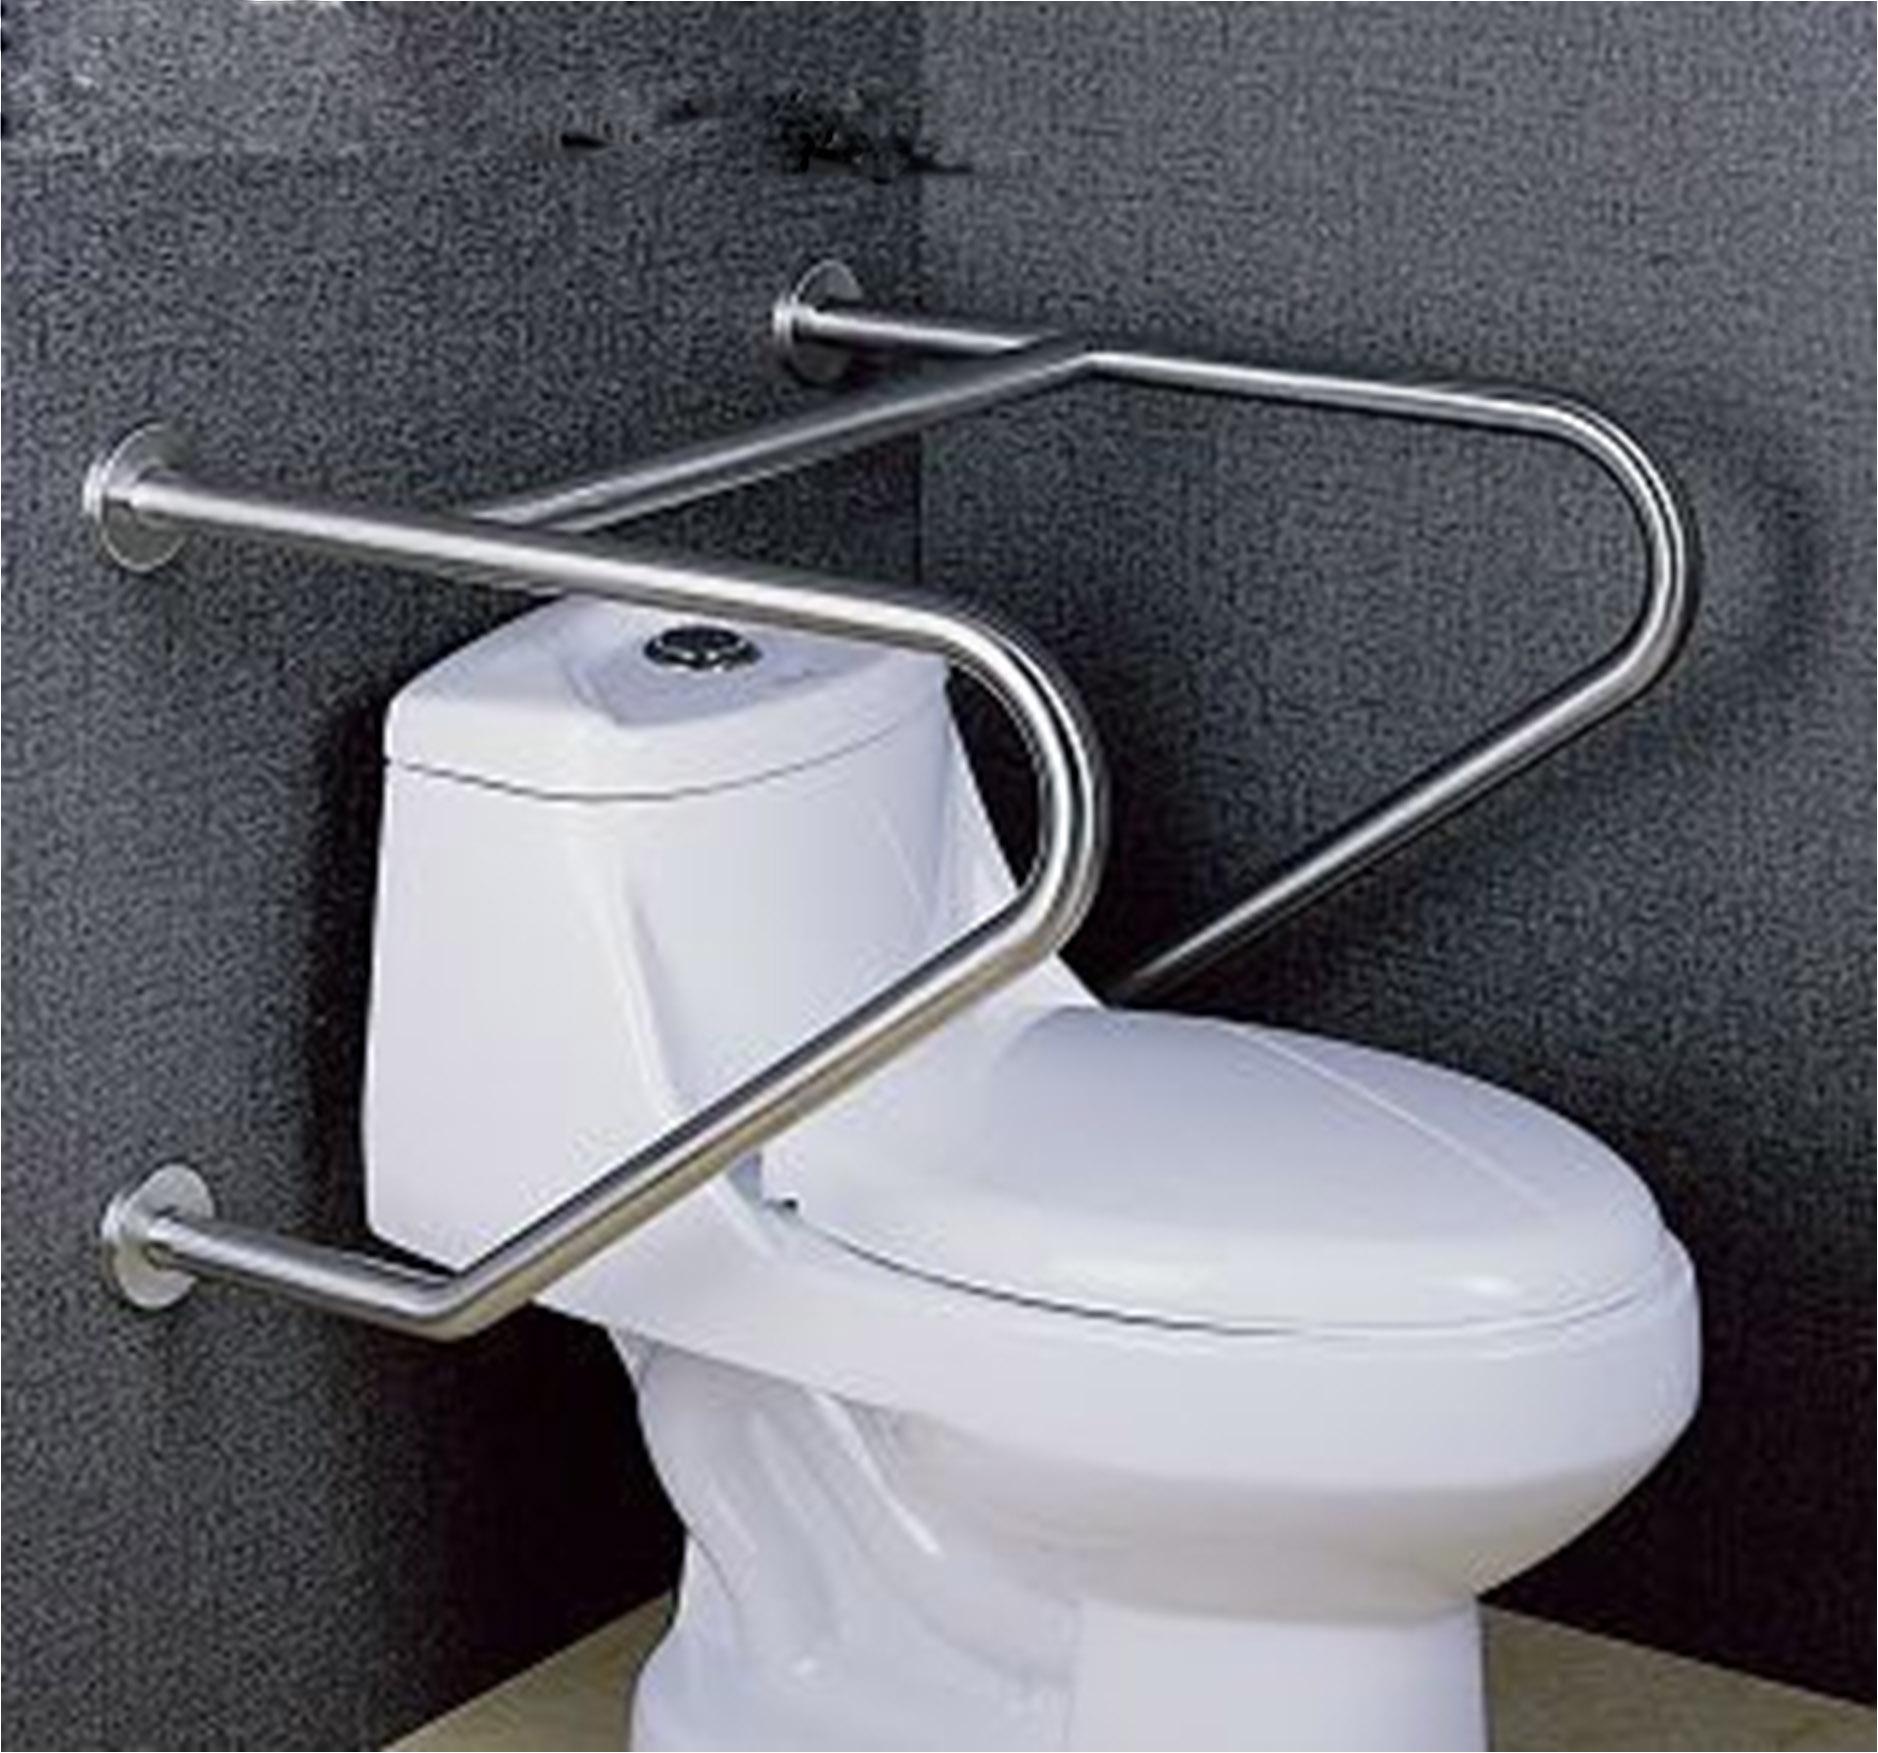 turėklai tualeto sėdynėms netinkamas 2oy_enl